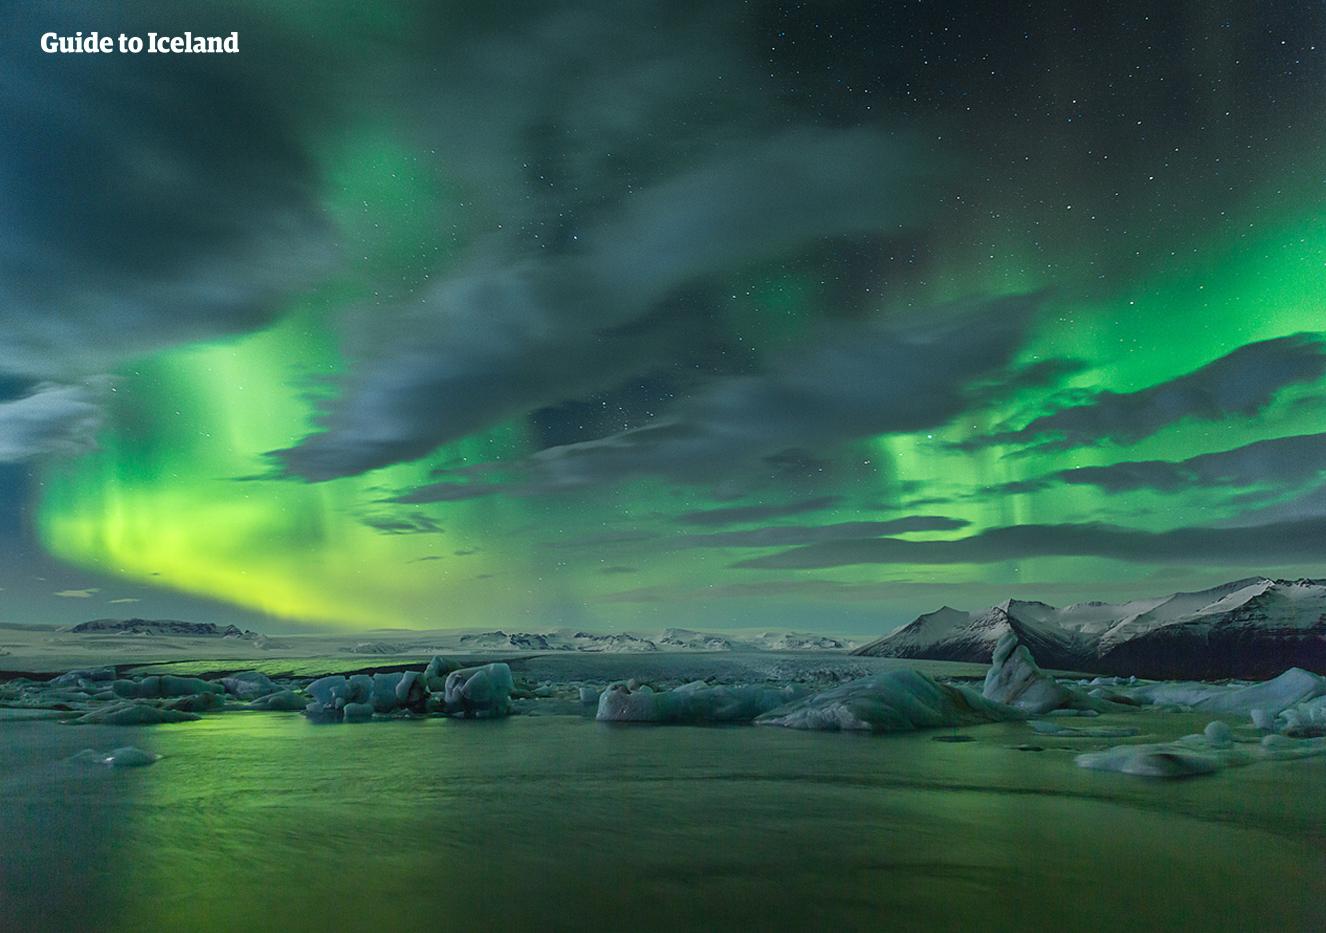 La costa meridionale dell'Islanda è ricca di incredibili attrazioni naturali.